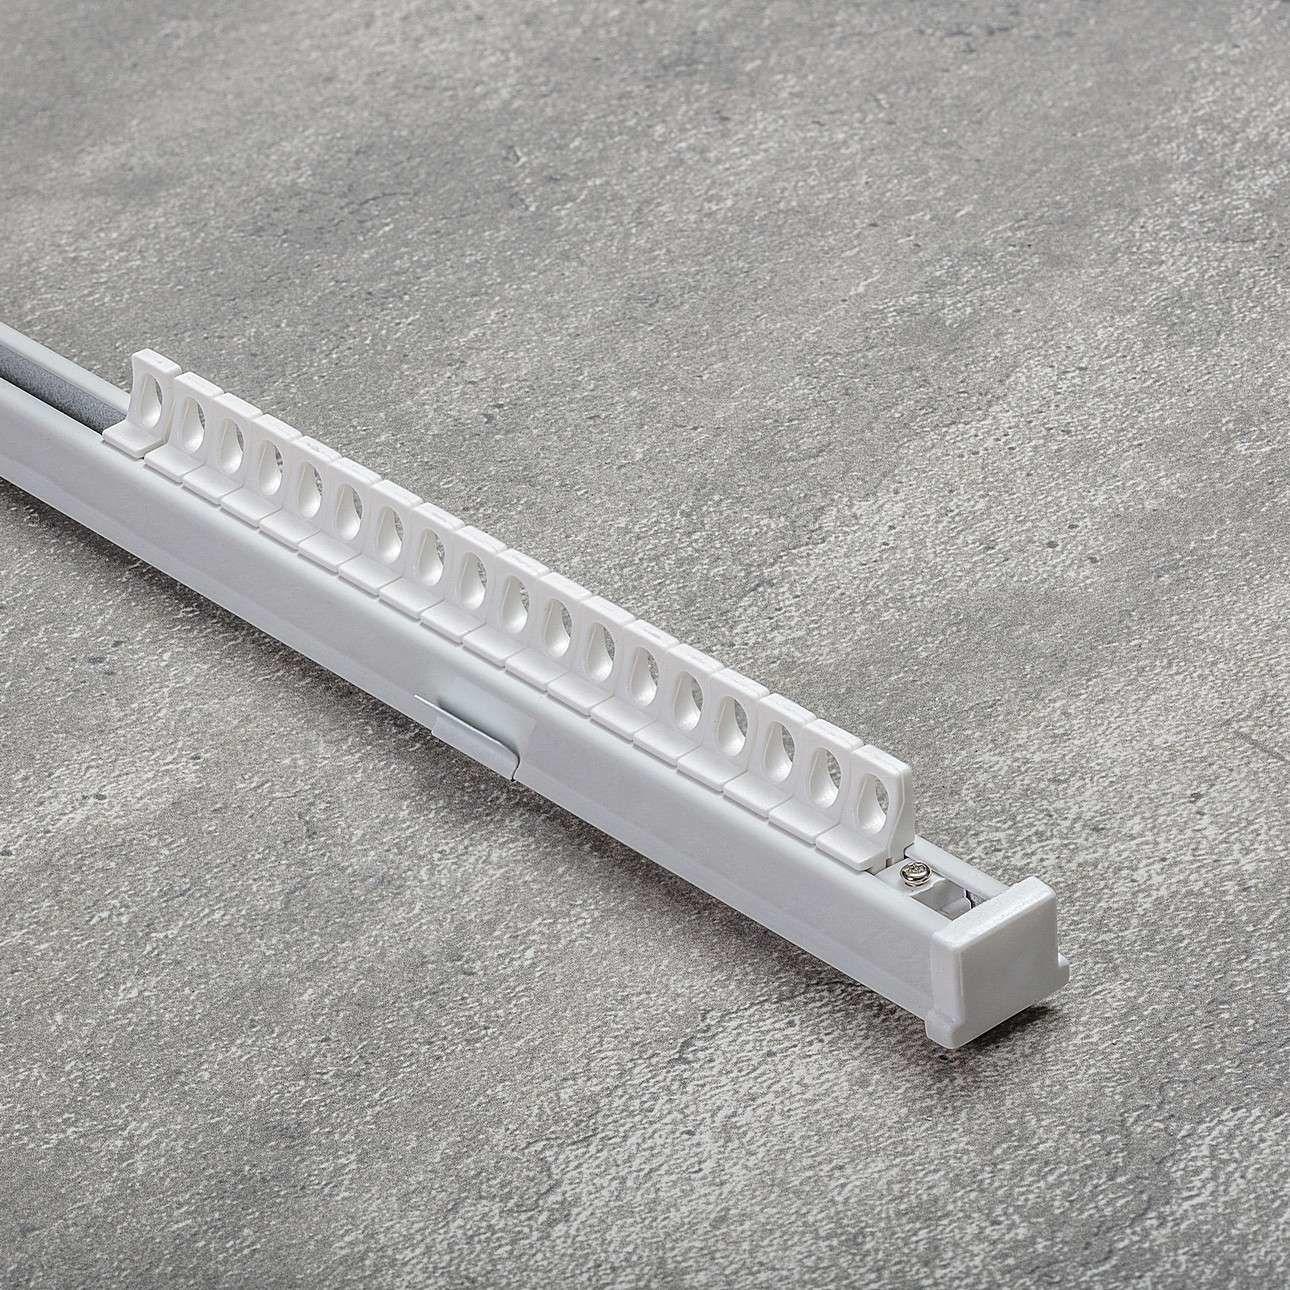 Komplet- szyna przysufitowa aluminiowa TS pojedyncza 150cm, 150 cm